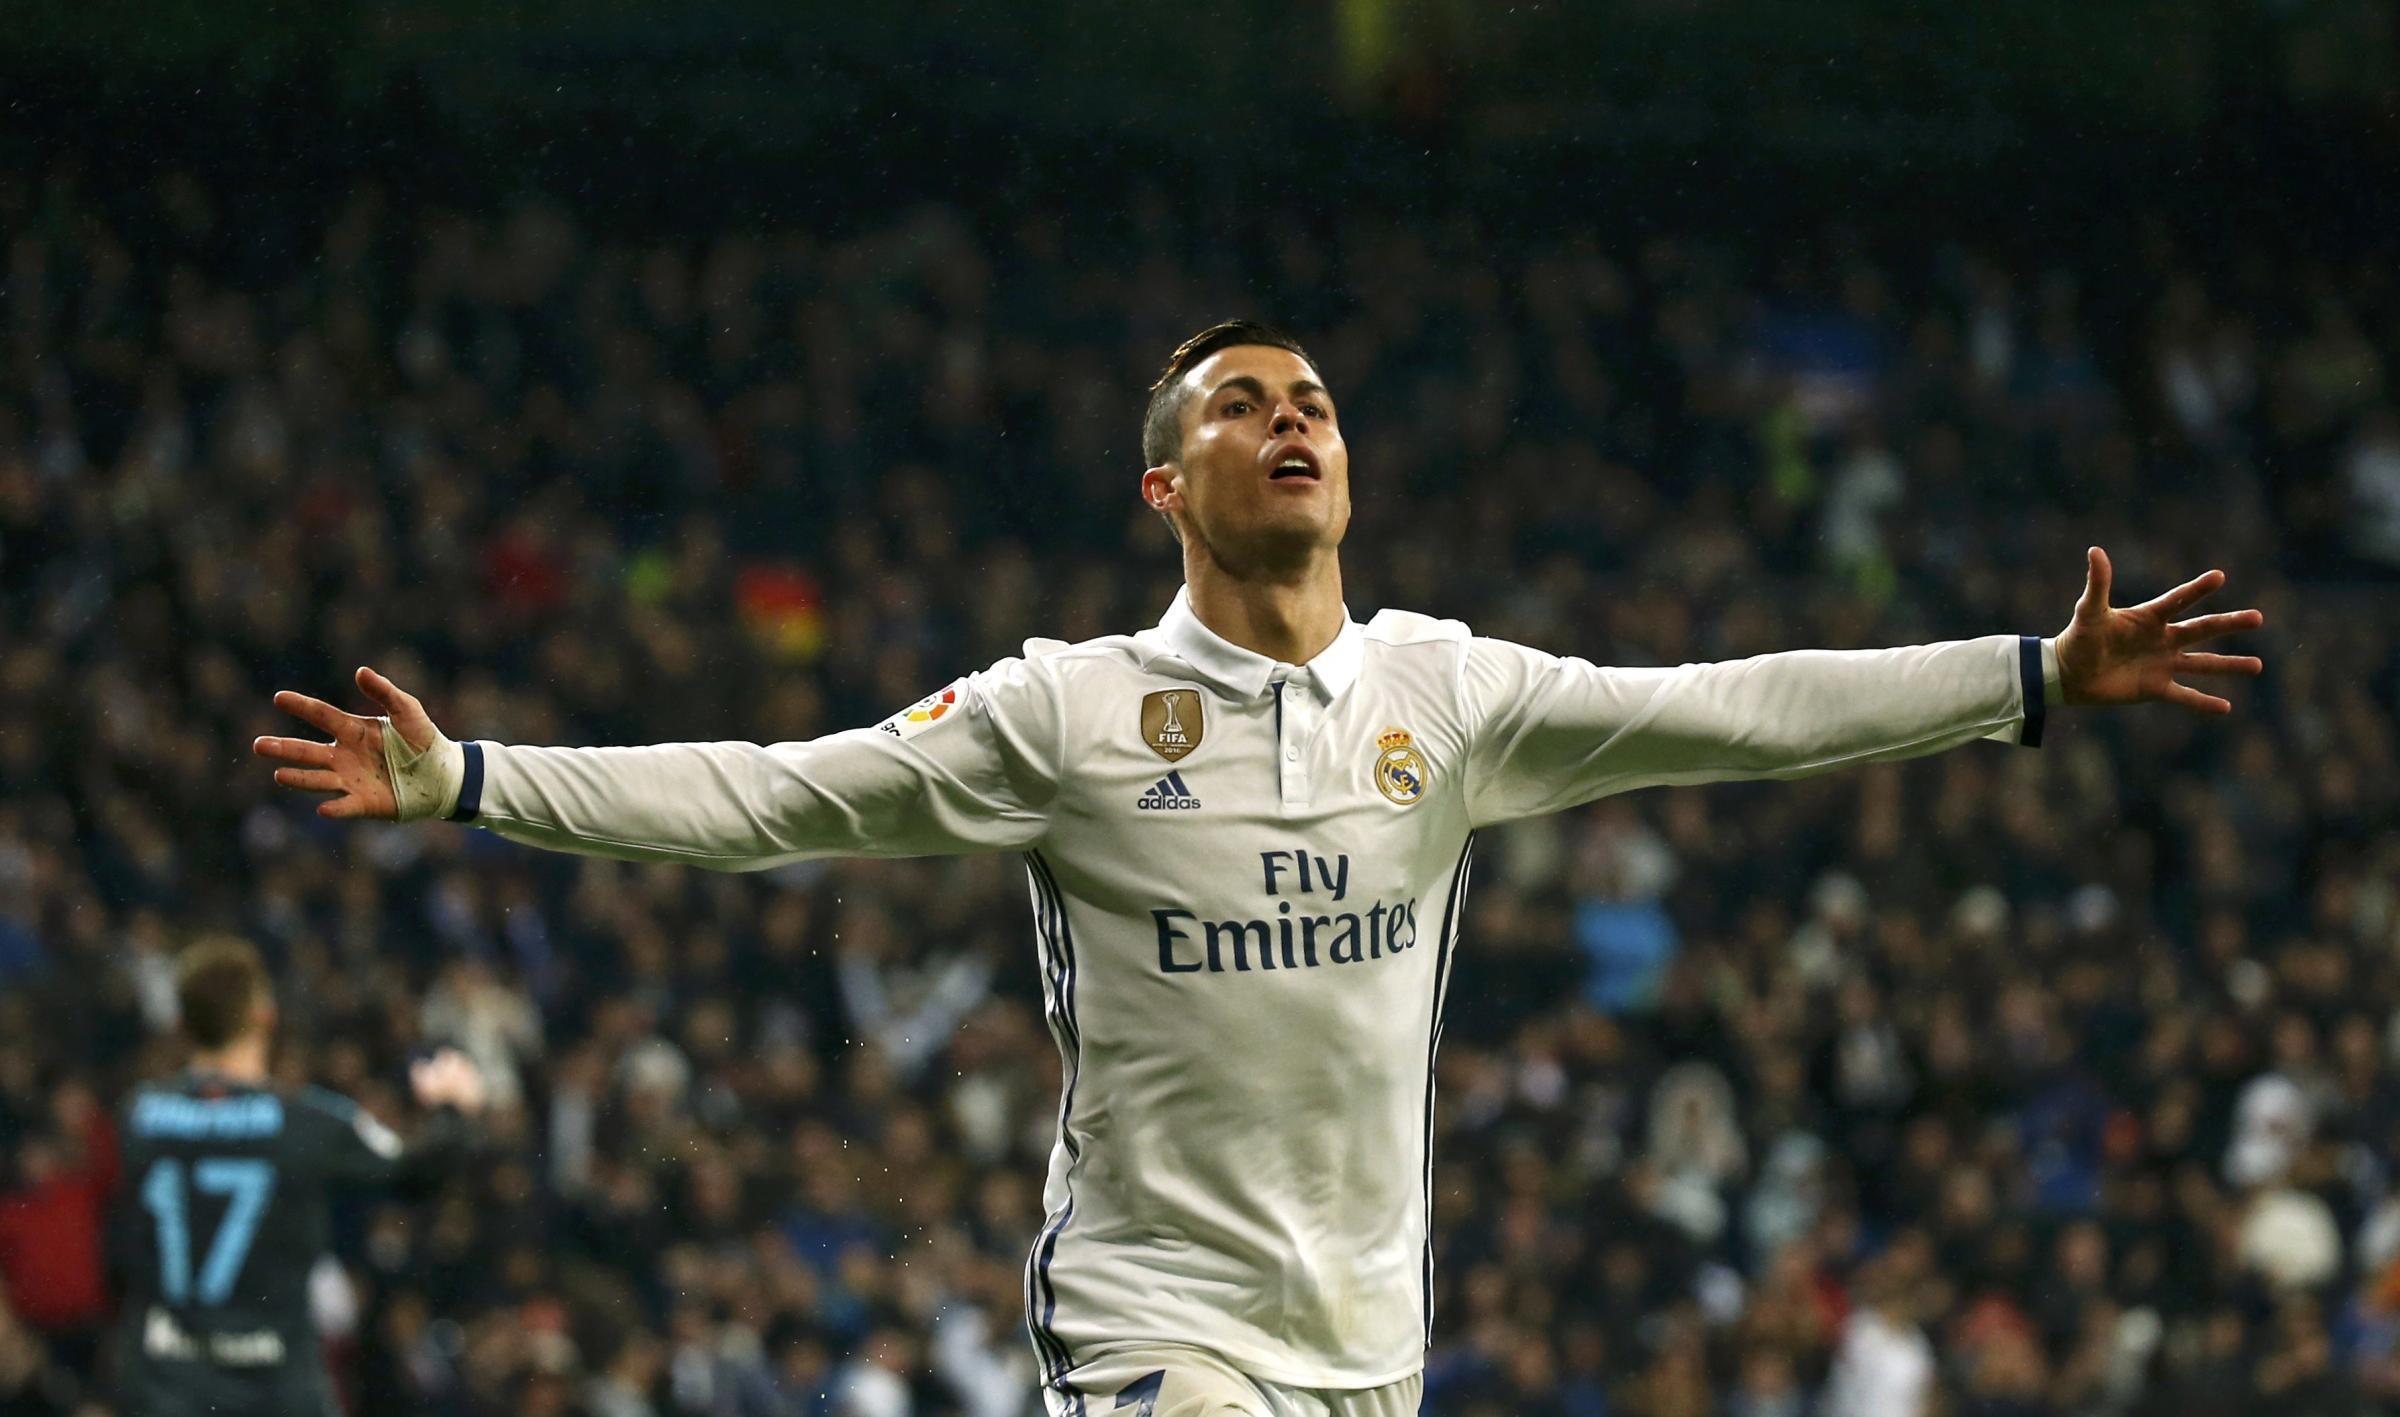 Cristiano Ronaldo, la doppietta più bella: in arrivo due gemelli